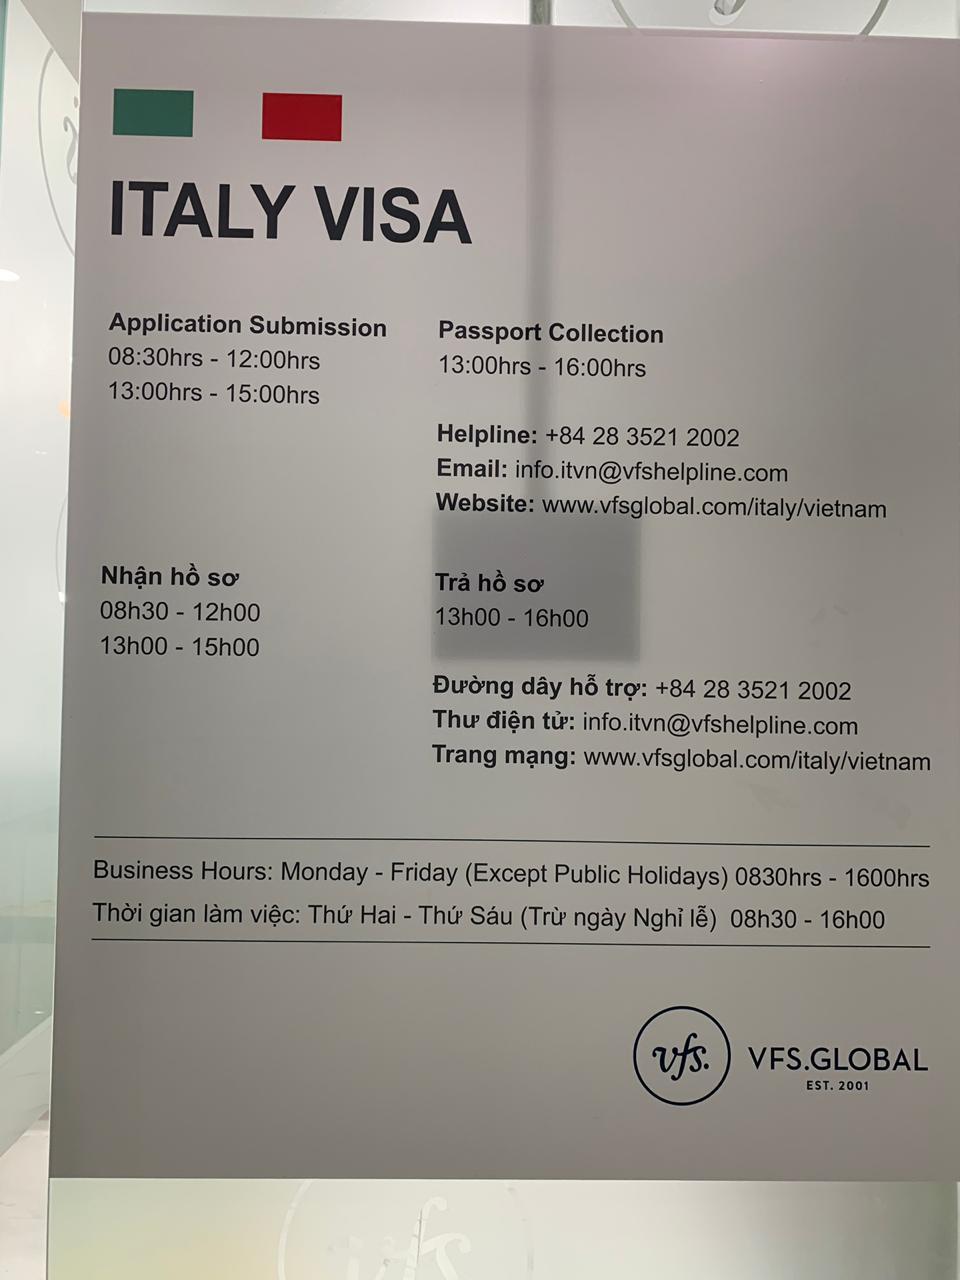 Italy In Vietnam On Twitter New Premises For The Italian Visa Application Centre In Hanoi